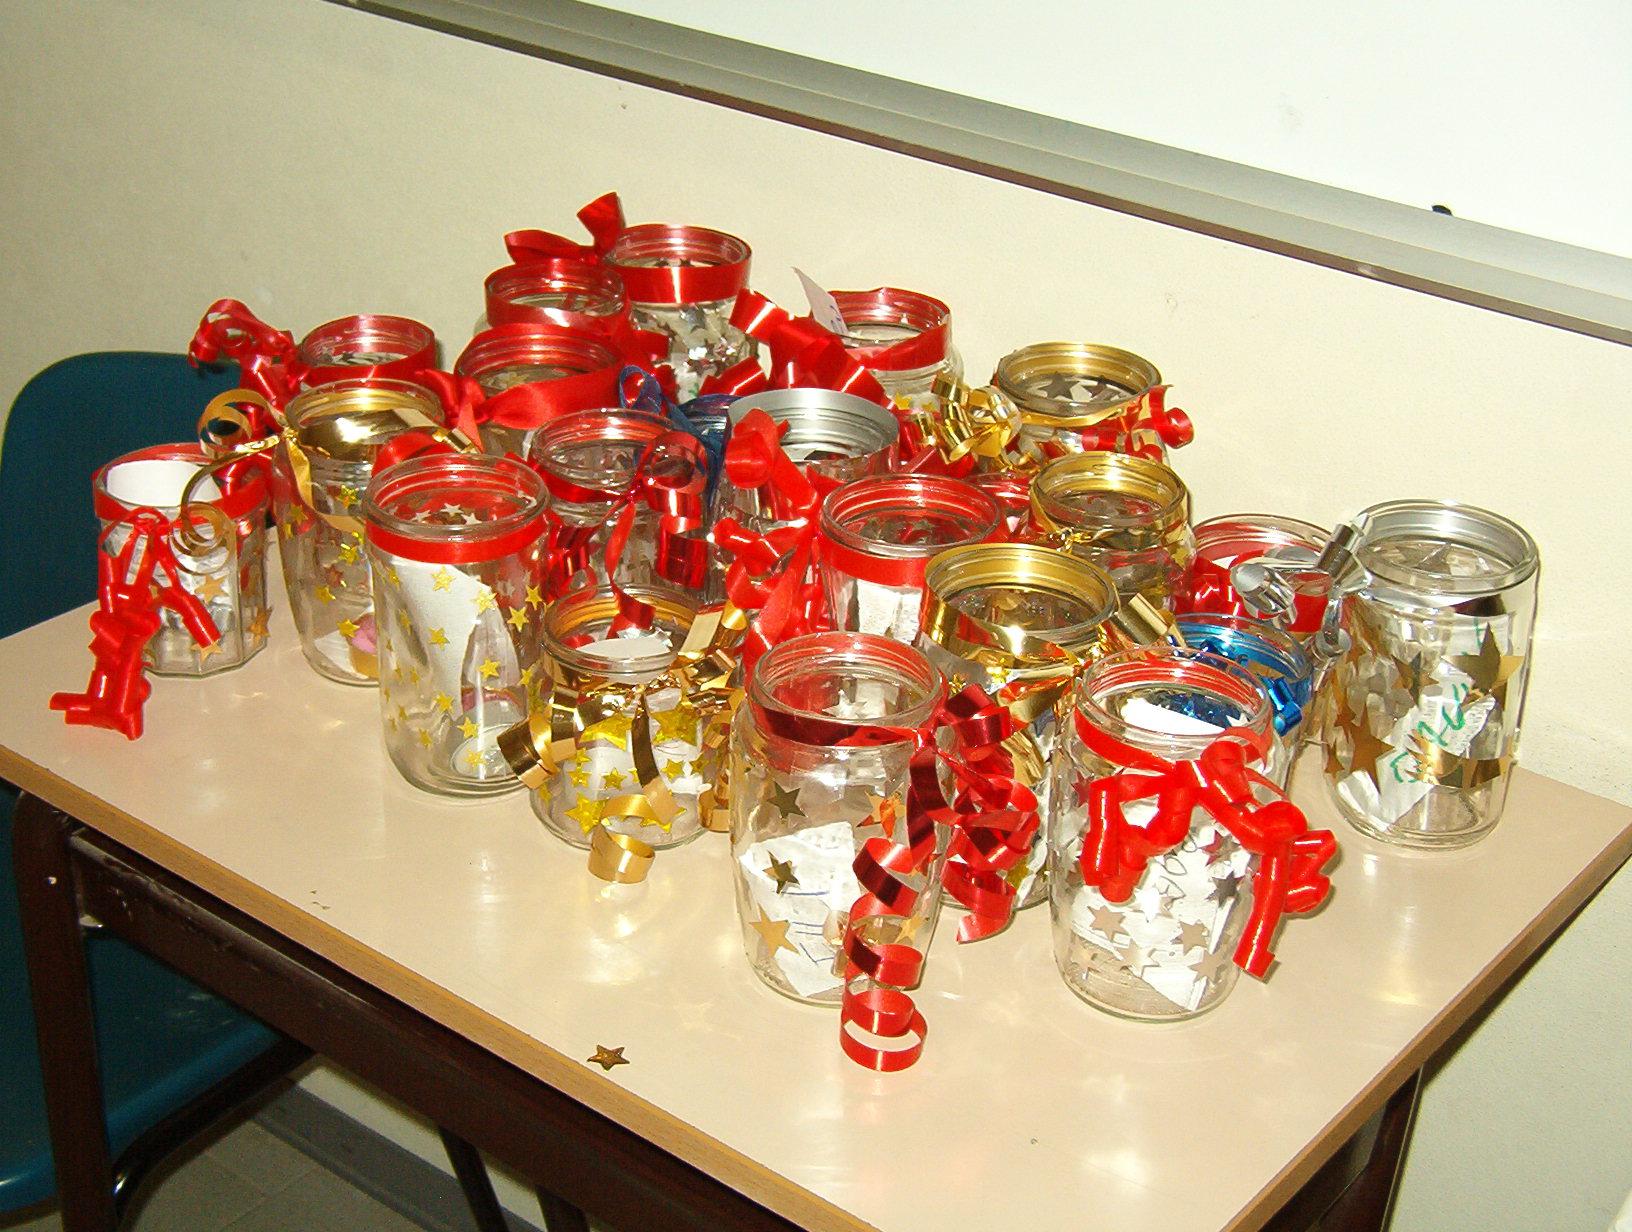 Lavoretti di natale con barattoli di vetro qx59 for Addobbi natalizi per la classe